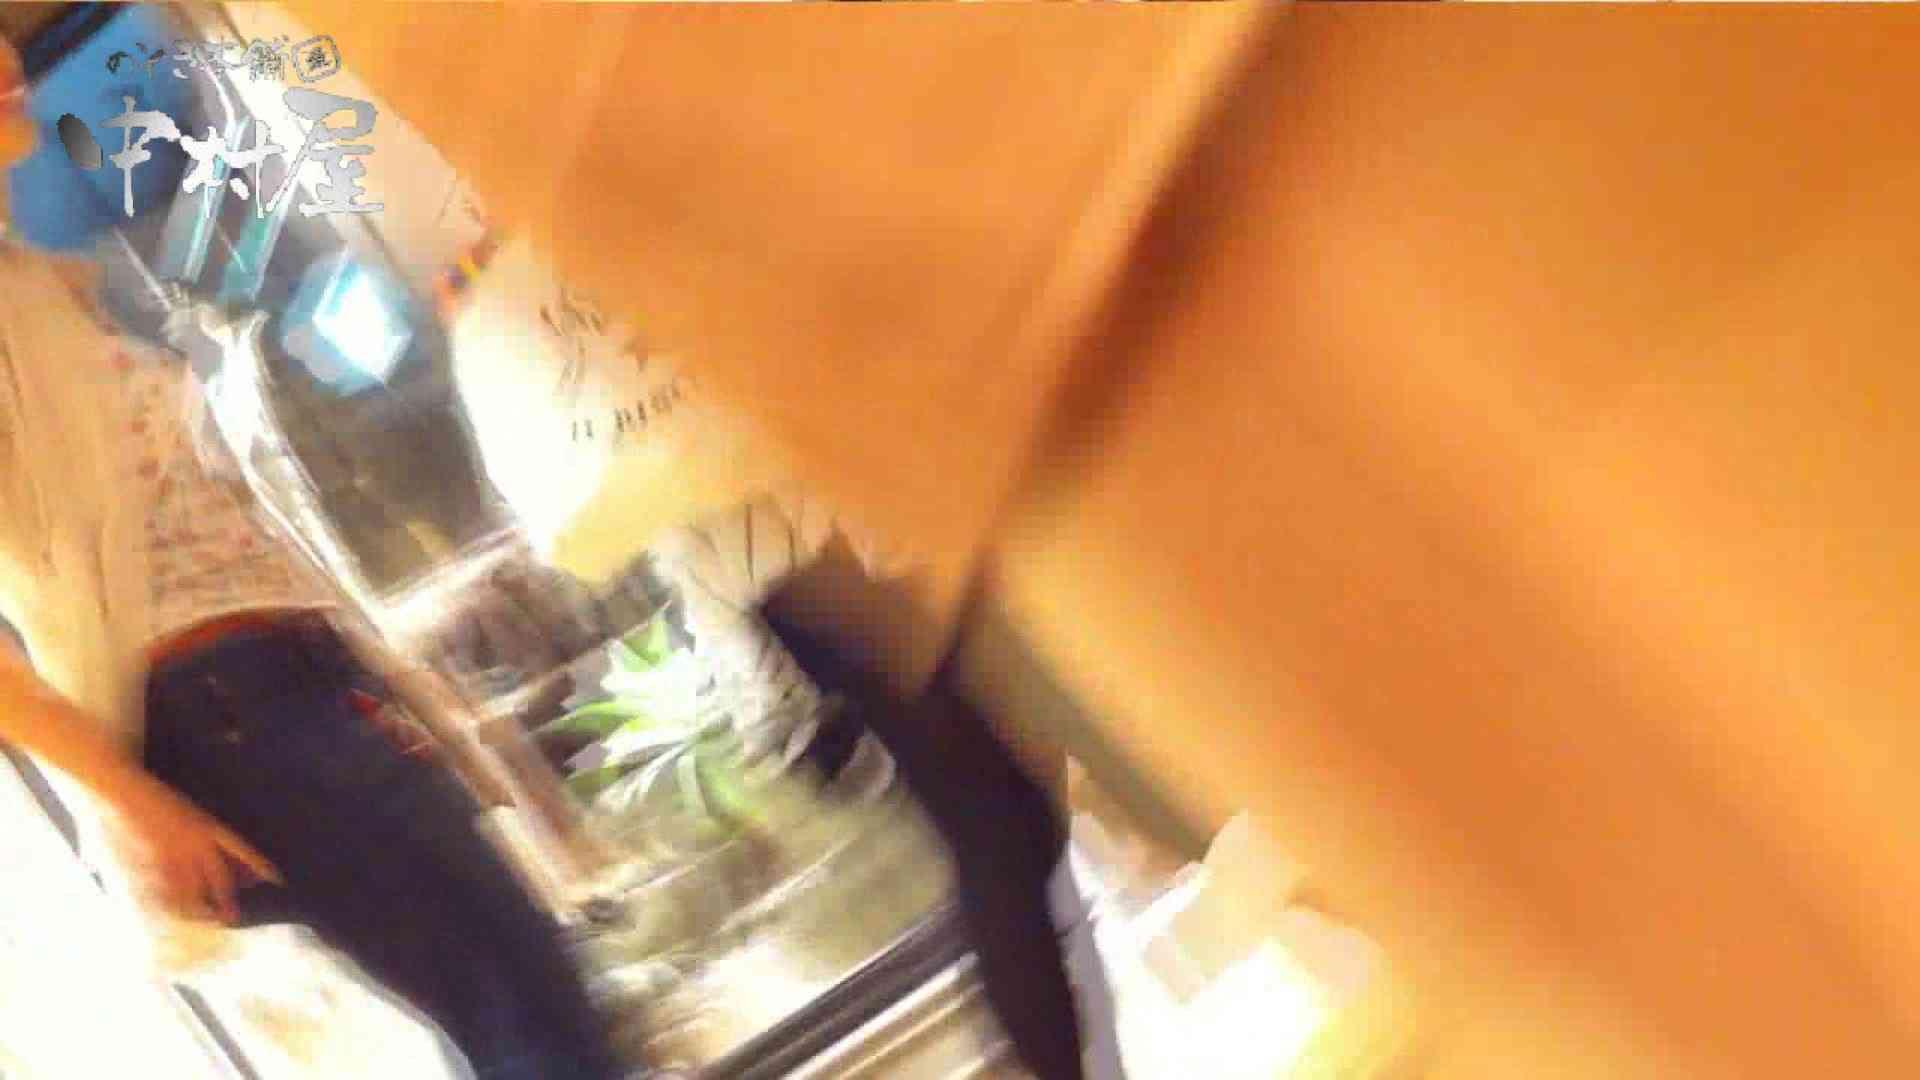 vol.48可愛いカリスマ店員胸チラ&パンチラ アニメ声の店員さん パンチラ SEX無修正画像 96連発 3